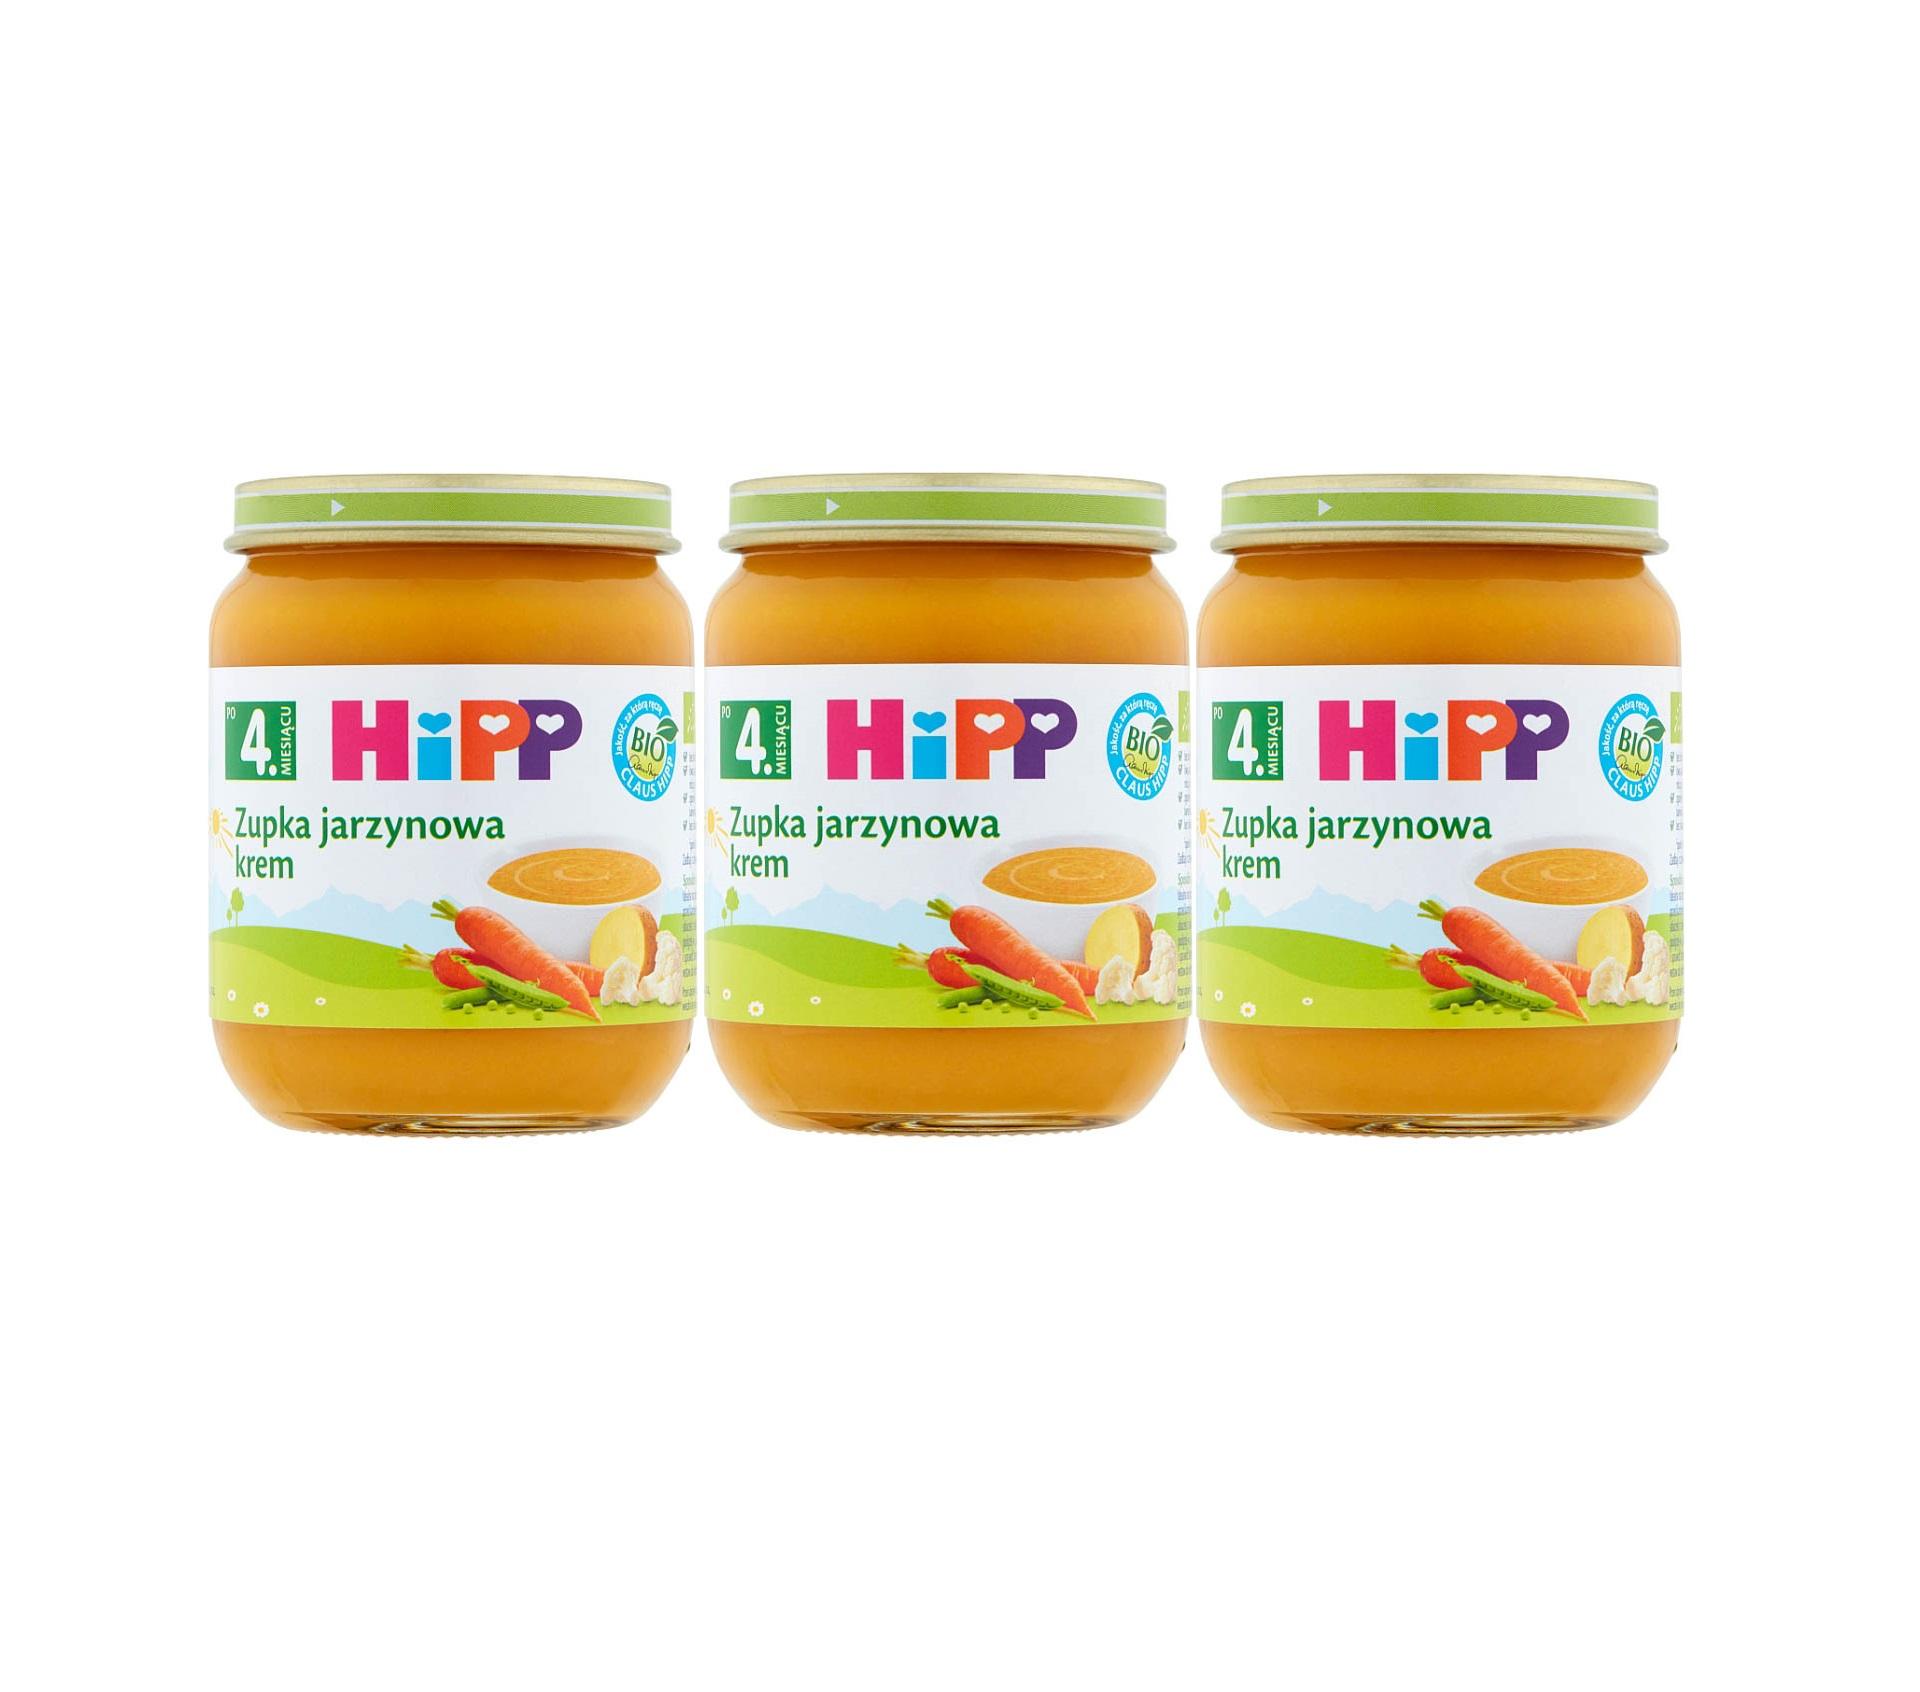 3 pak hipp 125 zupka jarzynowa krem